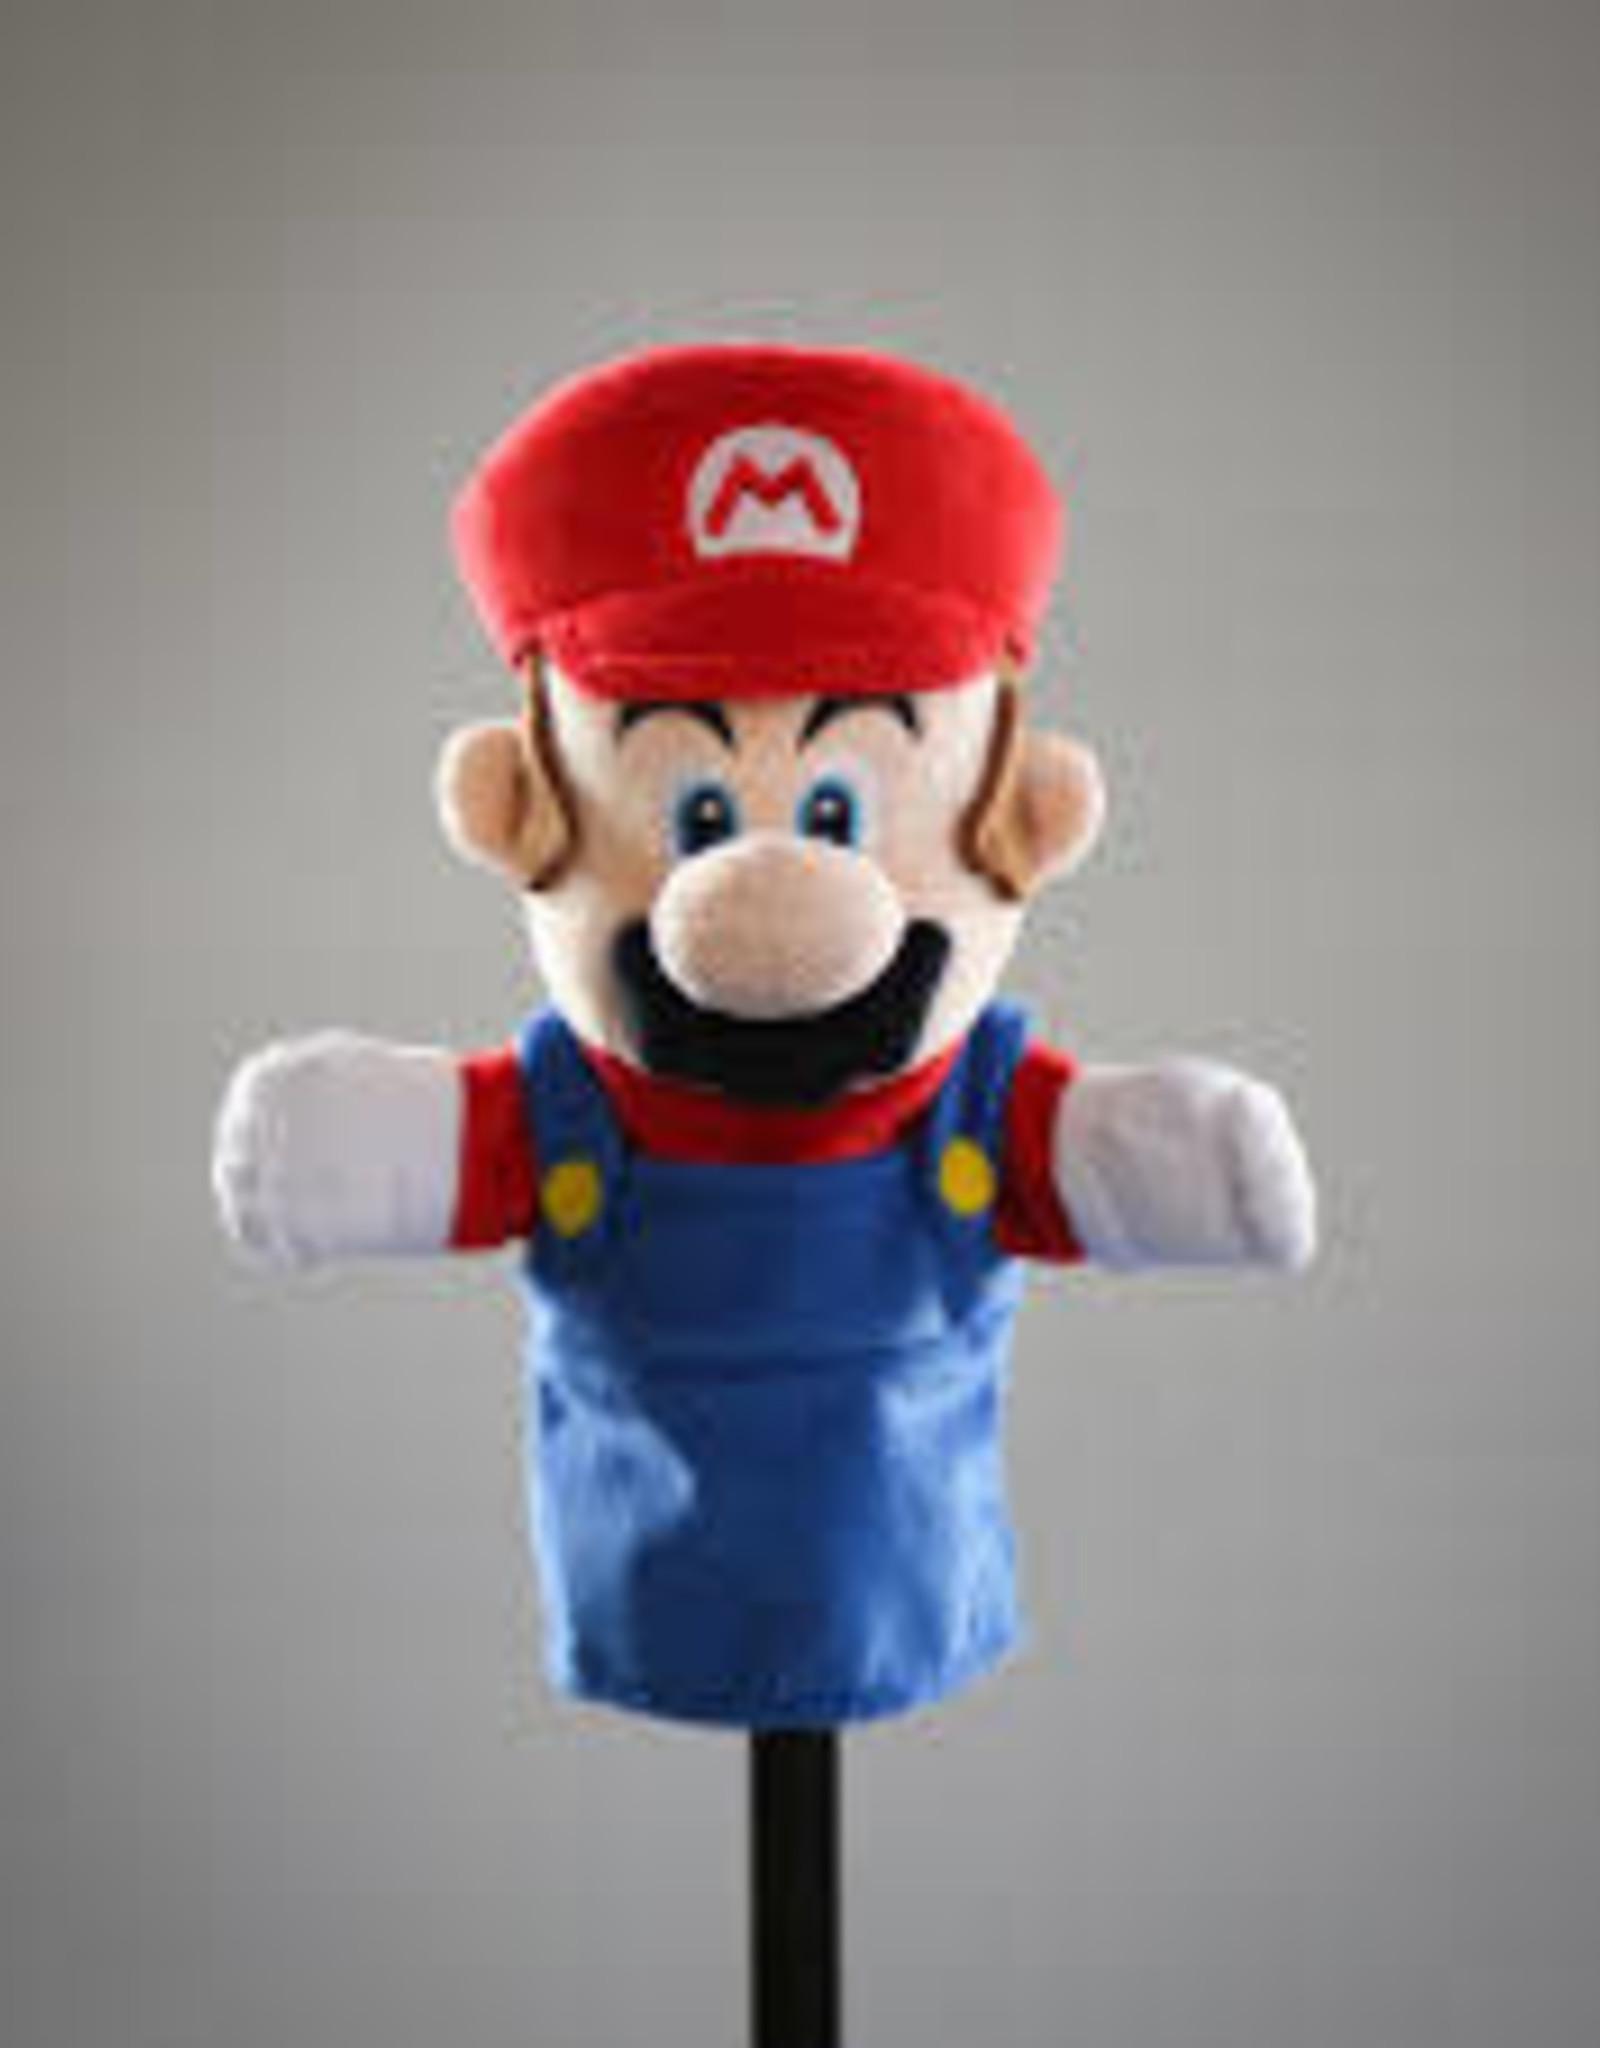 Hashtag Collectibles Puppet - Mario